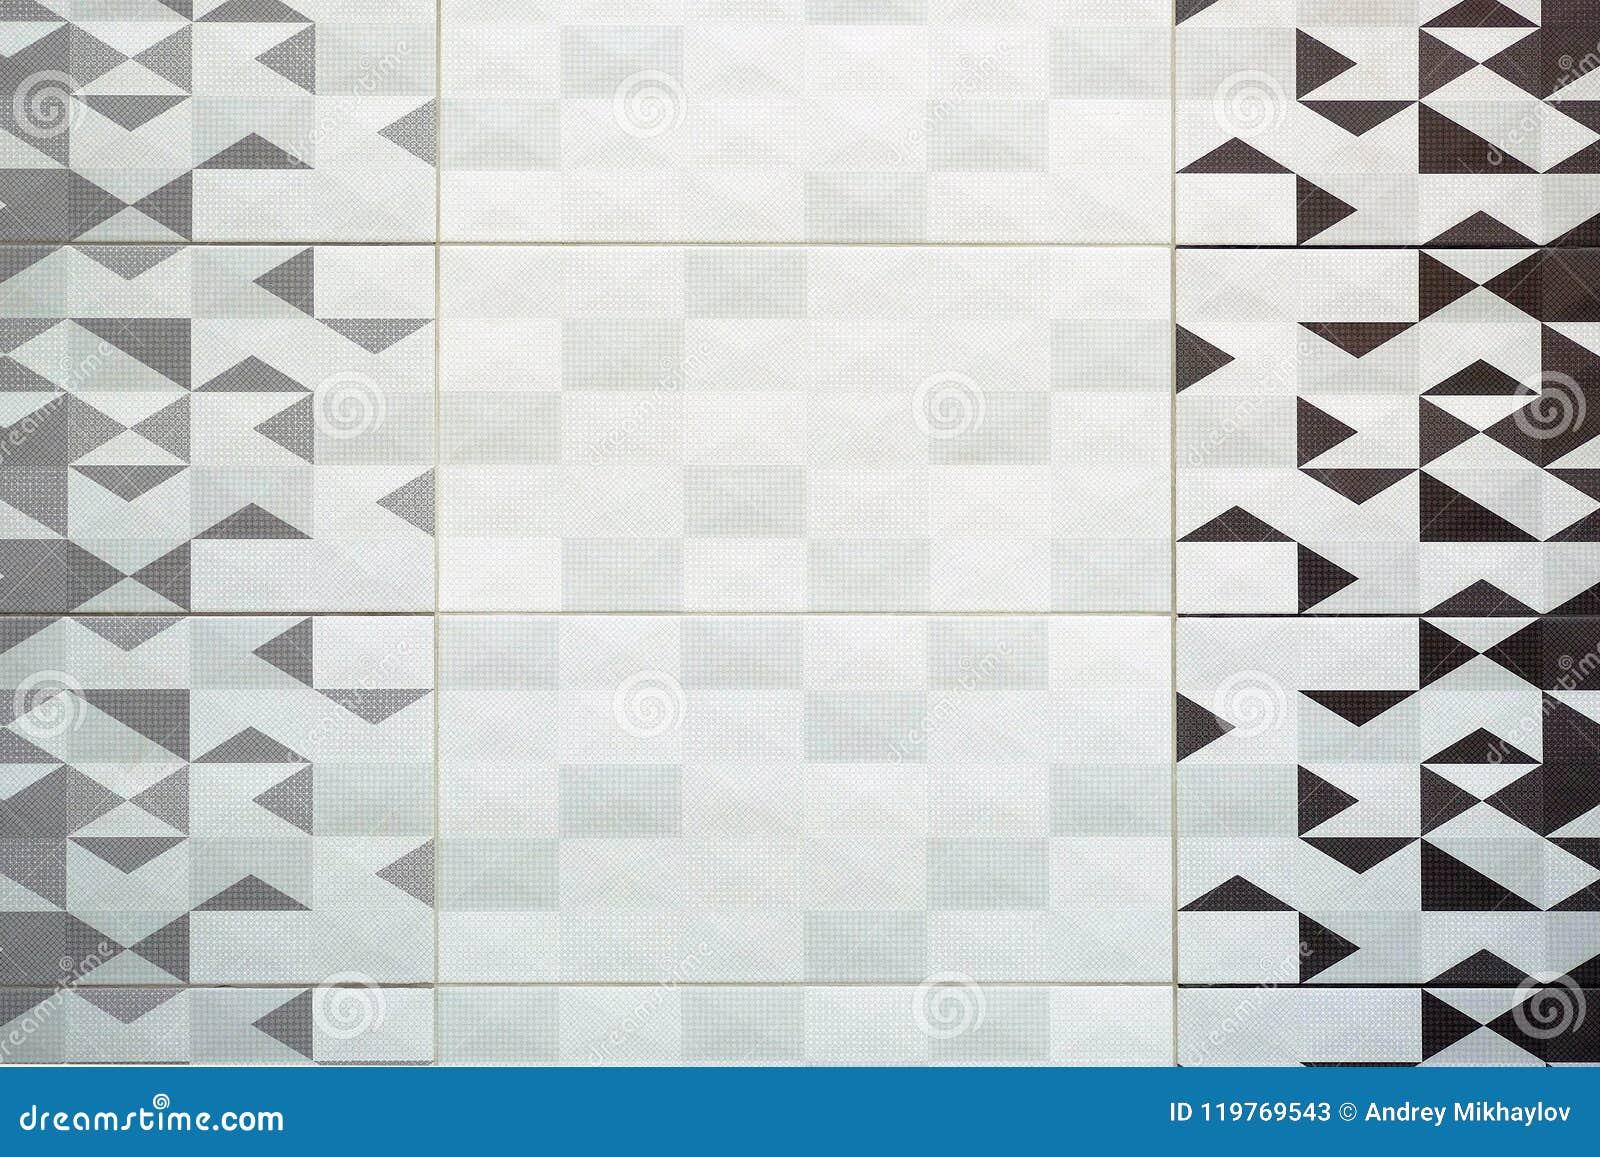 Piastrella di ceramica struttura grigio senza cuciture quadrato